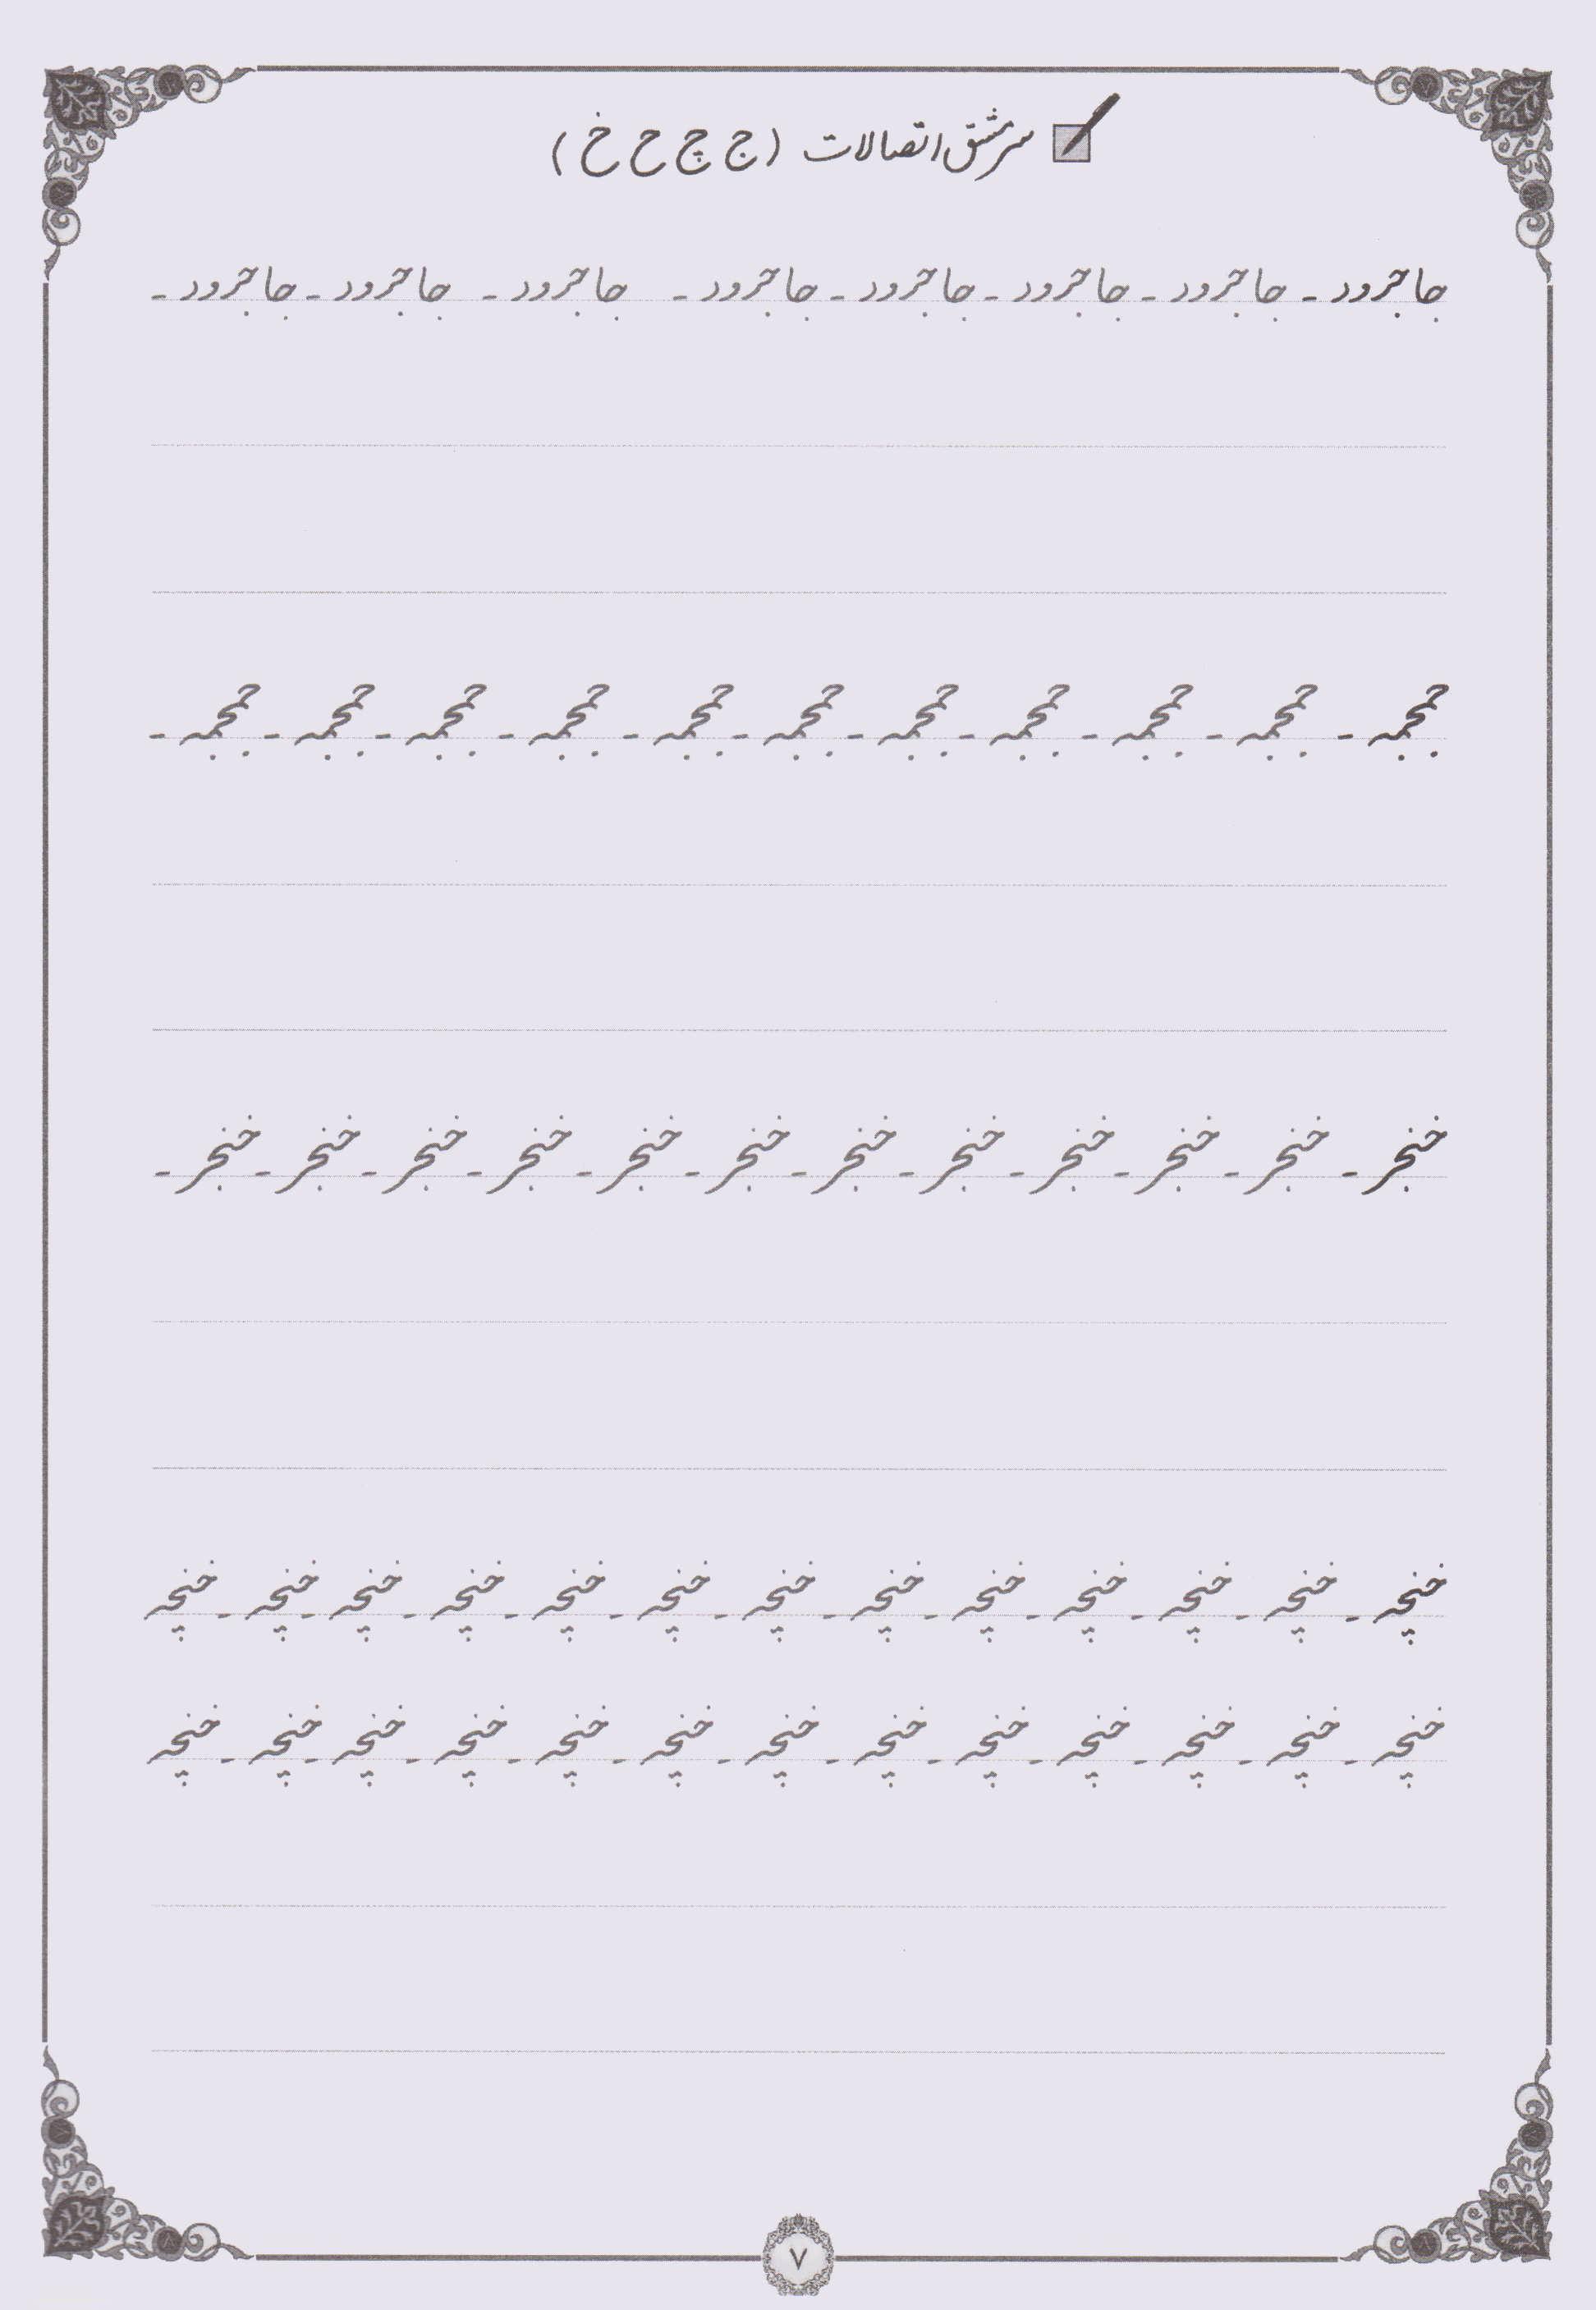 رسم خوش خطی 2 (جدیدترین روش آموزش خط ریز (خودکار))